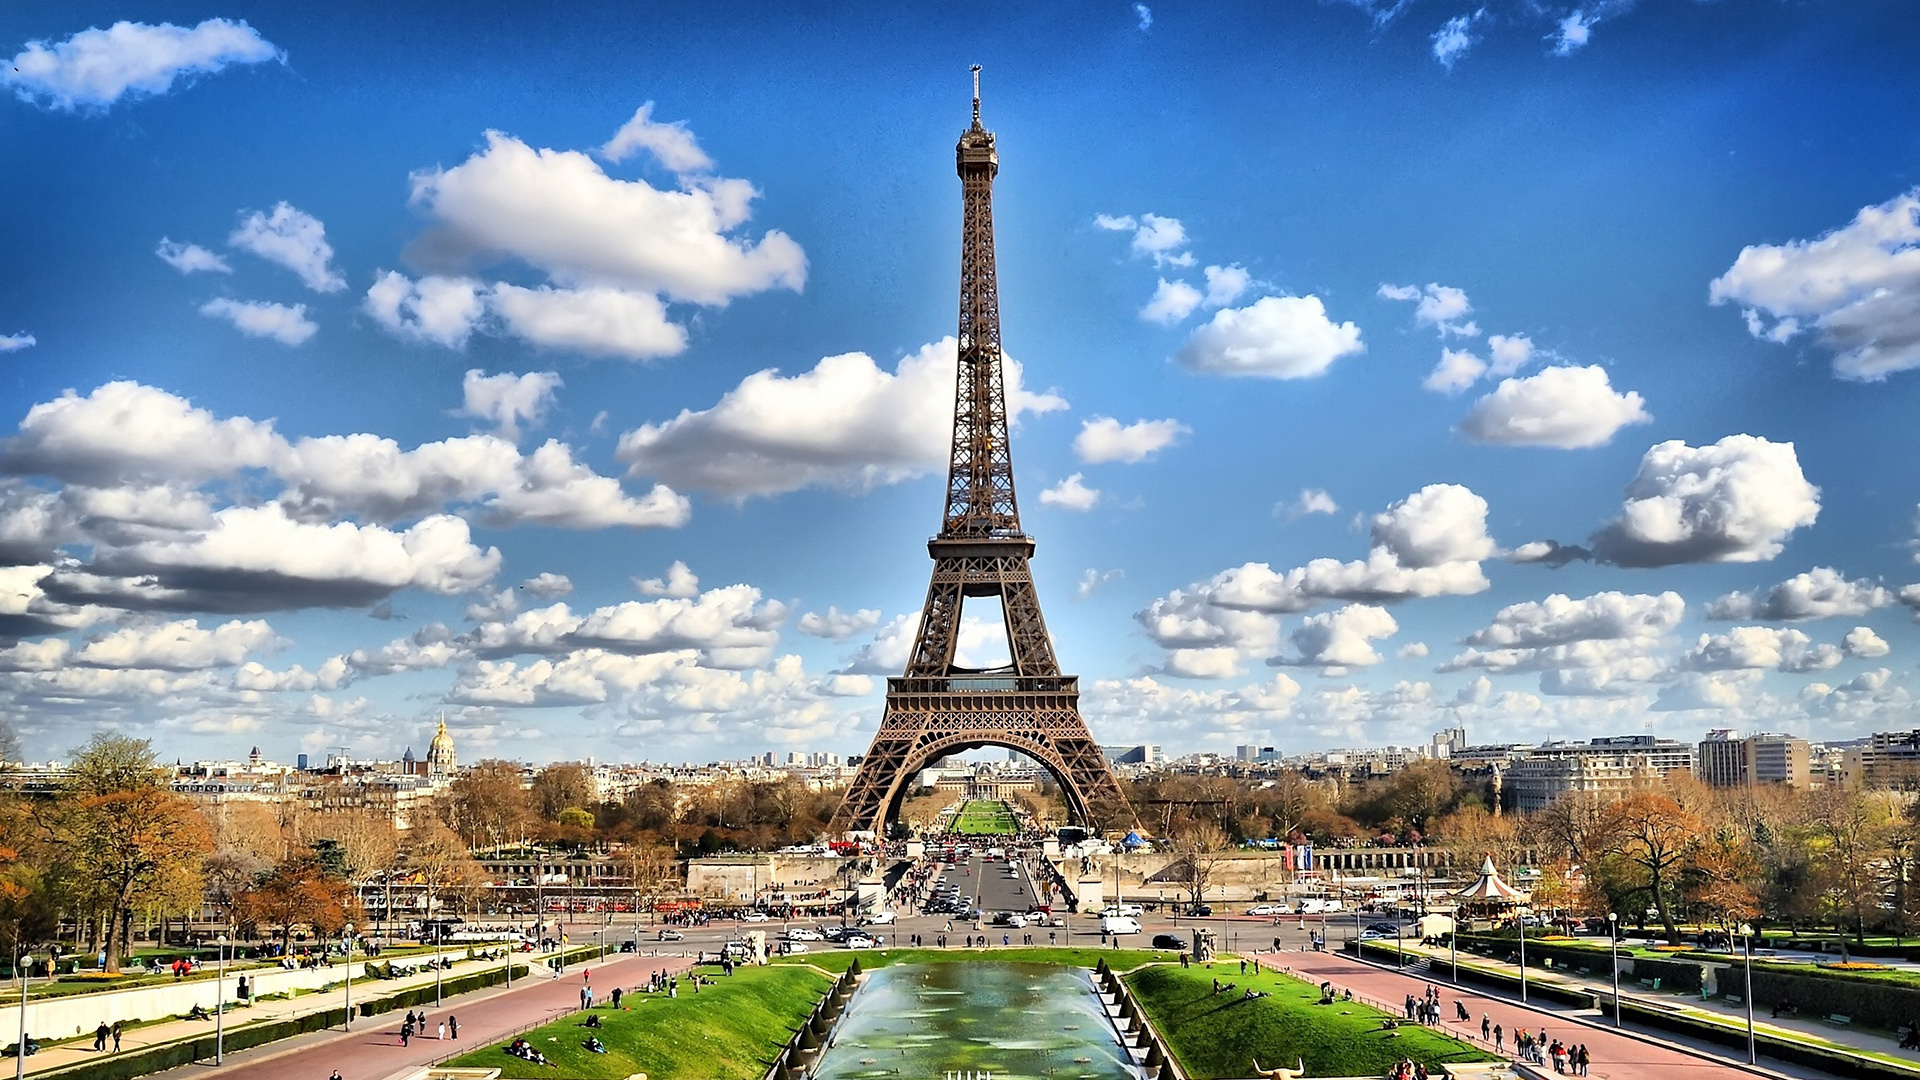 природа страны архитектура Марсово поле Париж Франция  № 824120 загрузить